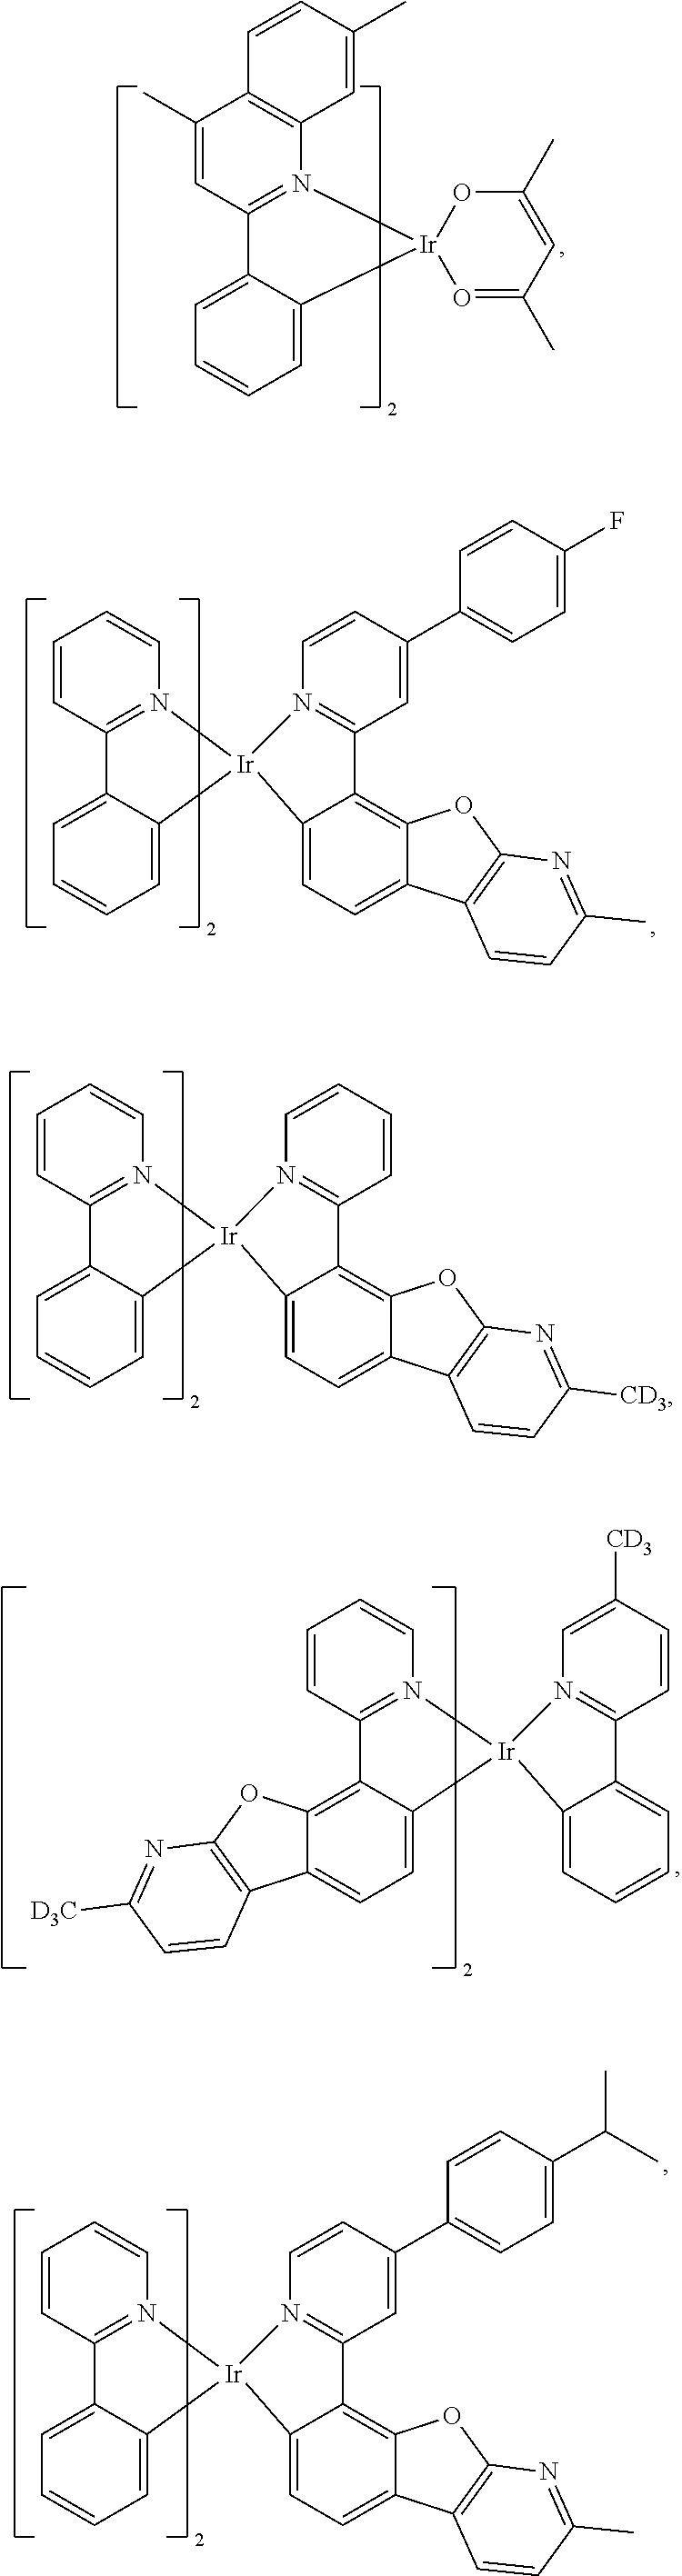 Figure US10033004-20180724-C00088